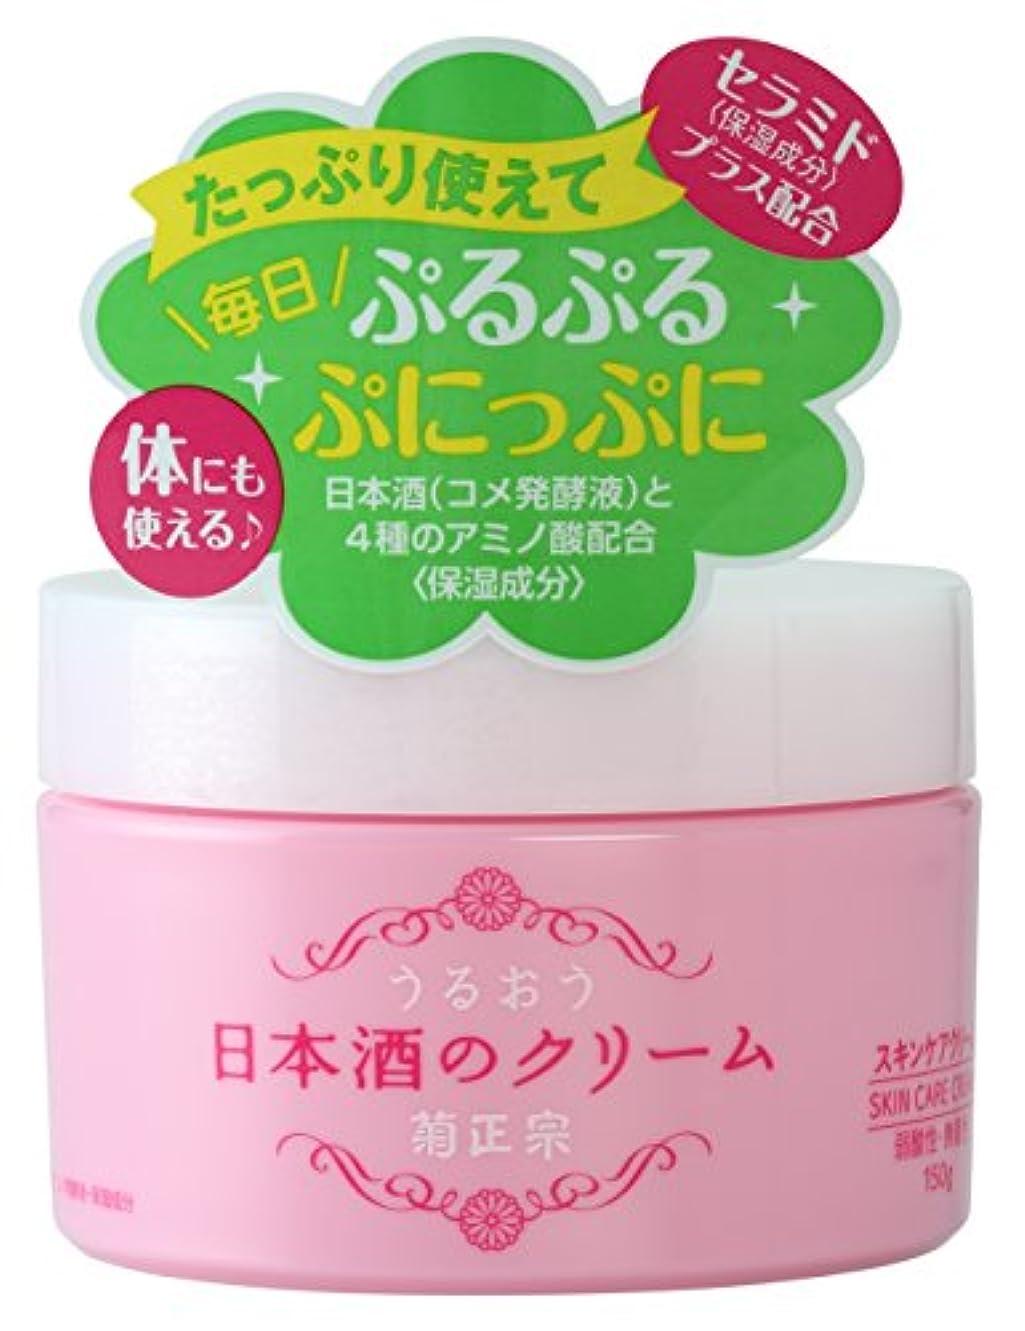 剥離南方の危険菊正宗 日本酒のクリーム 150g